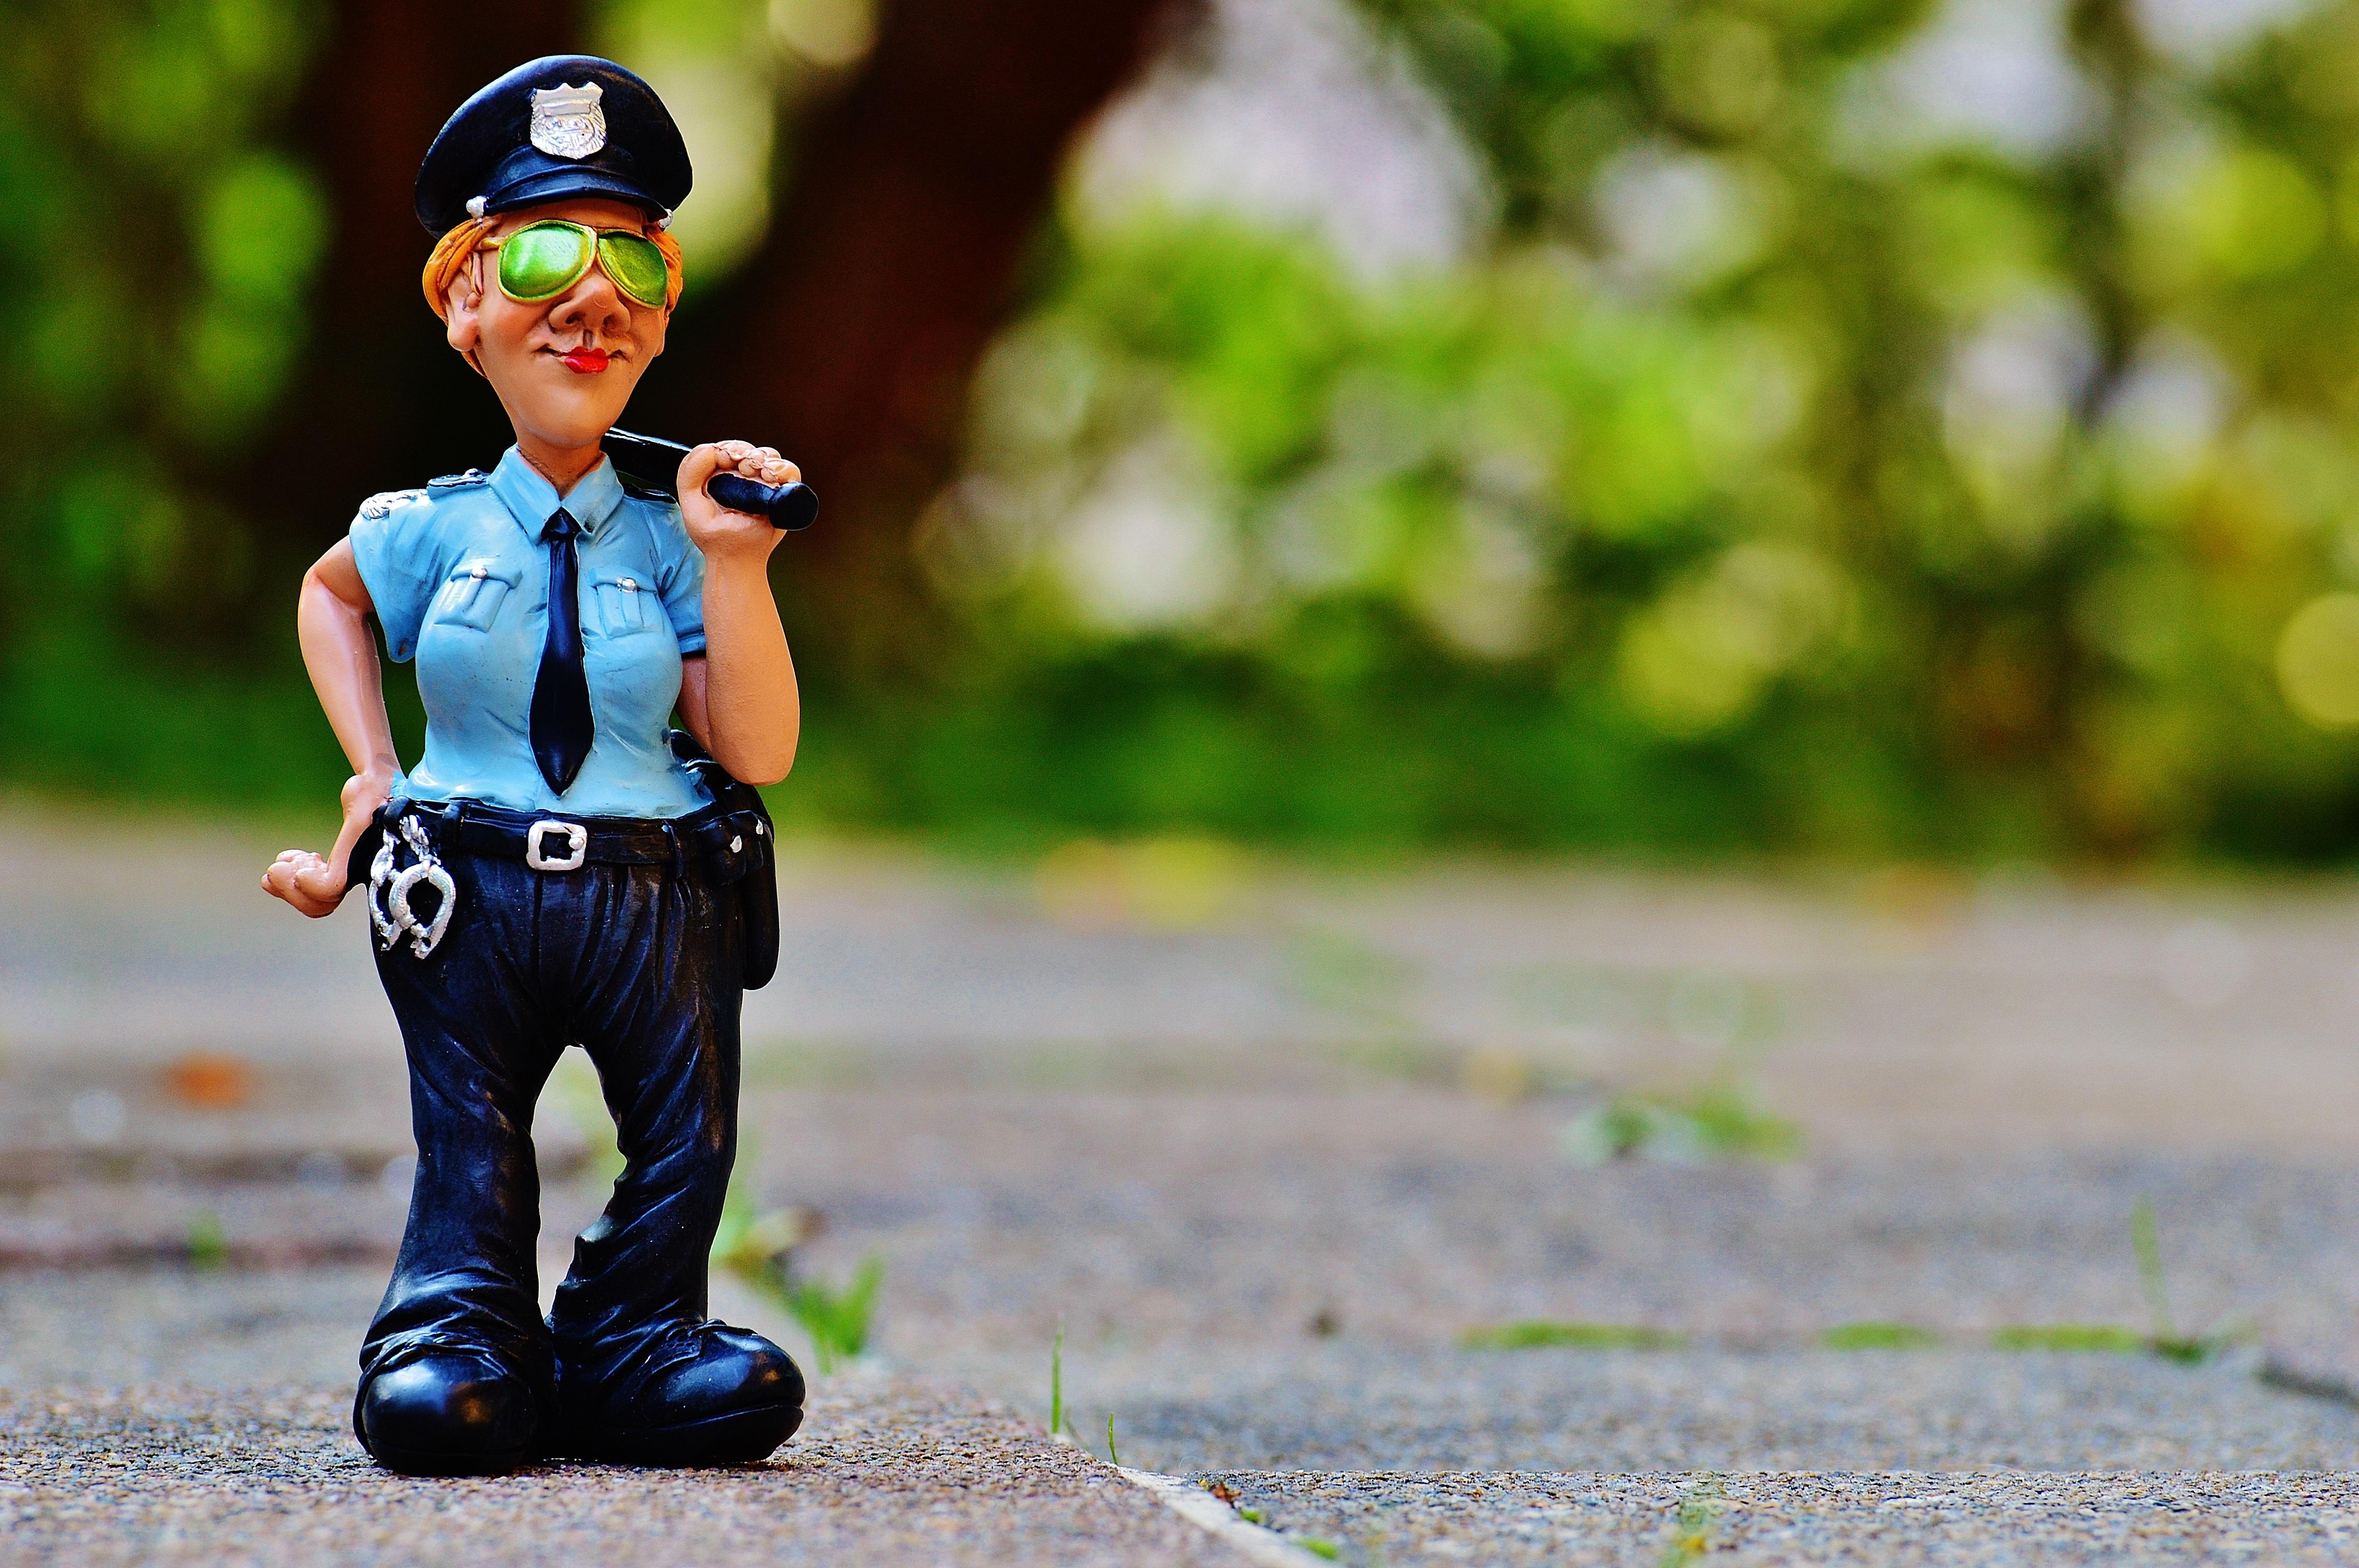 Зайчиками, смешная картинка с полицейским